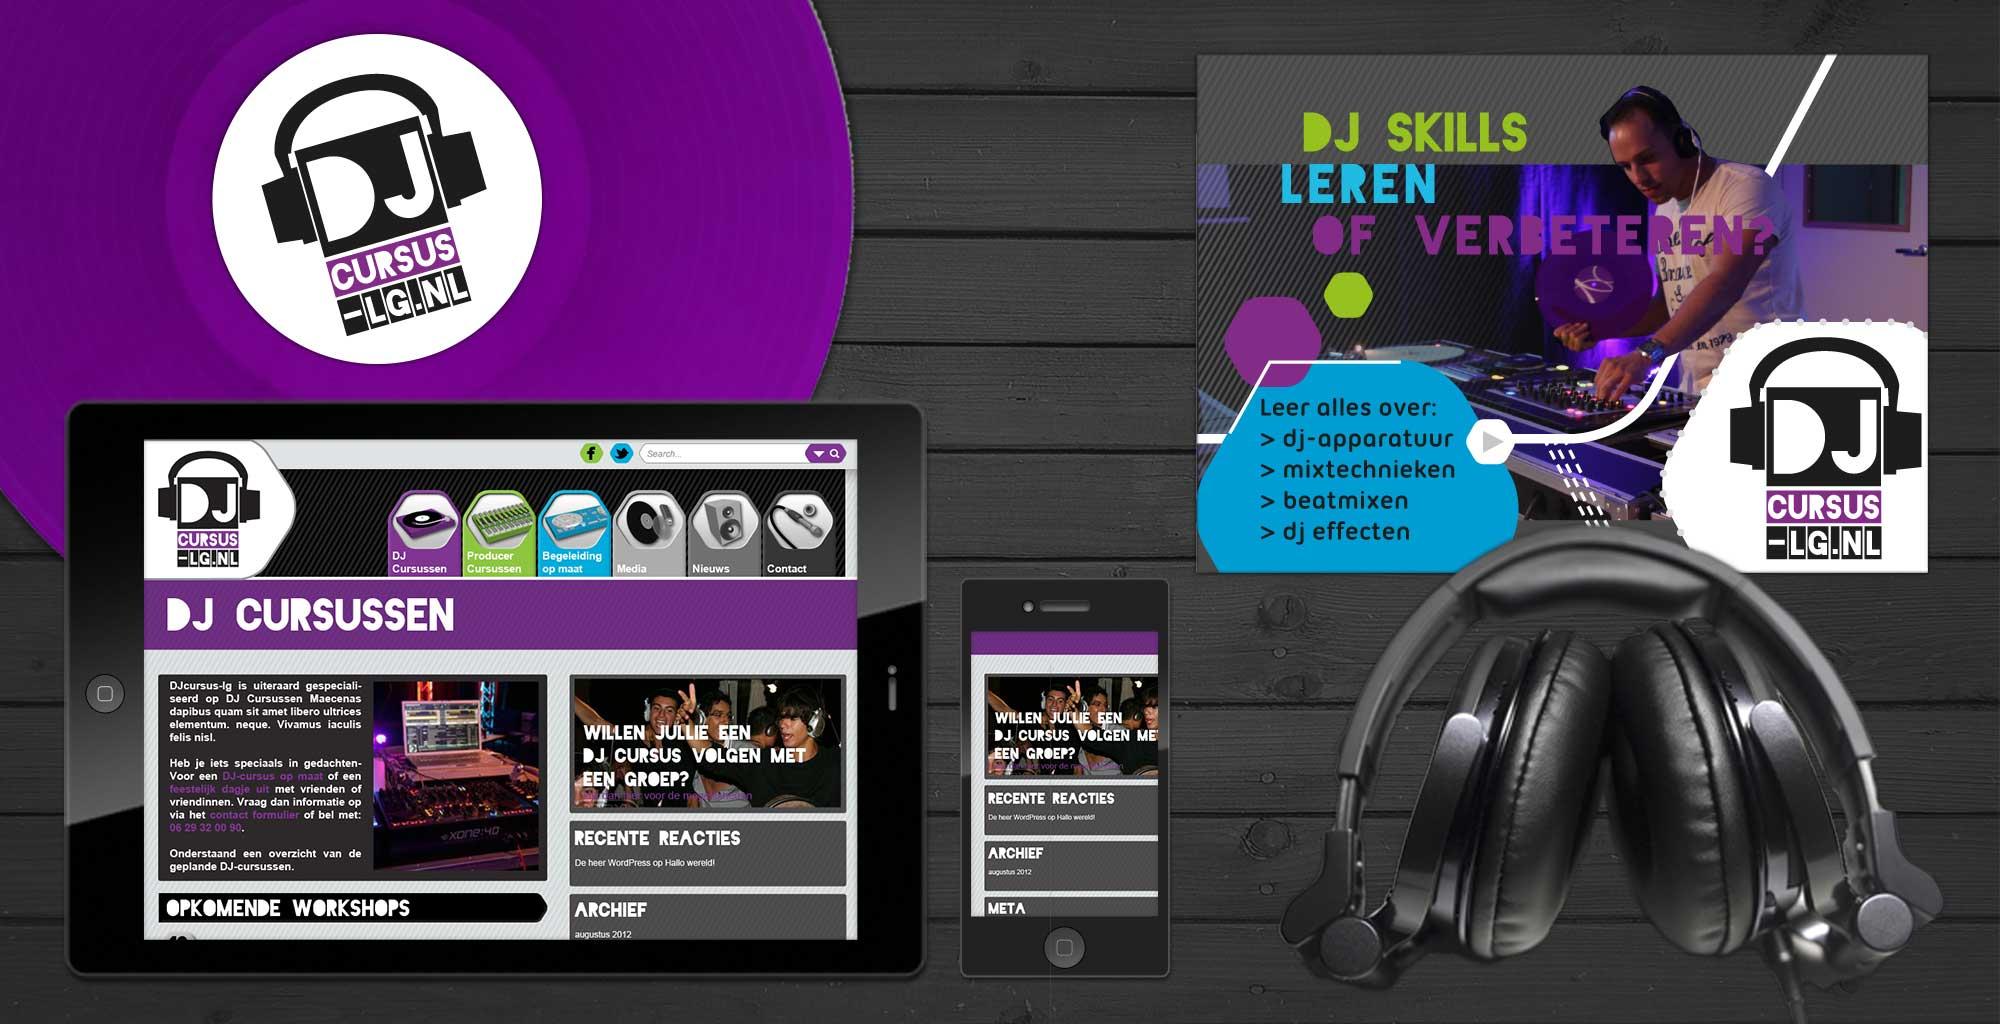 Voor DJ Cursus-LG ontwierp OP3N een passende en spannende technische huisstijl inclusief website.